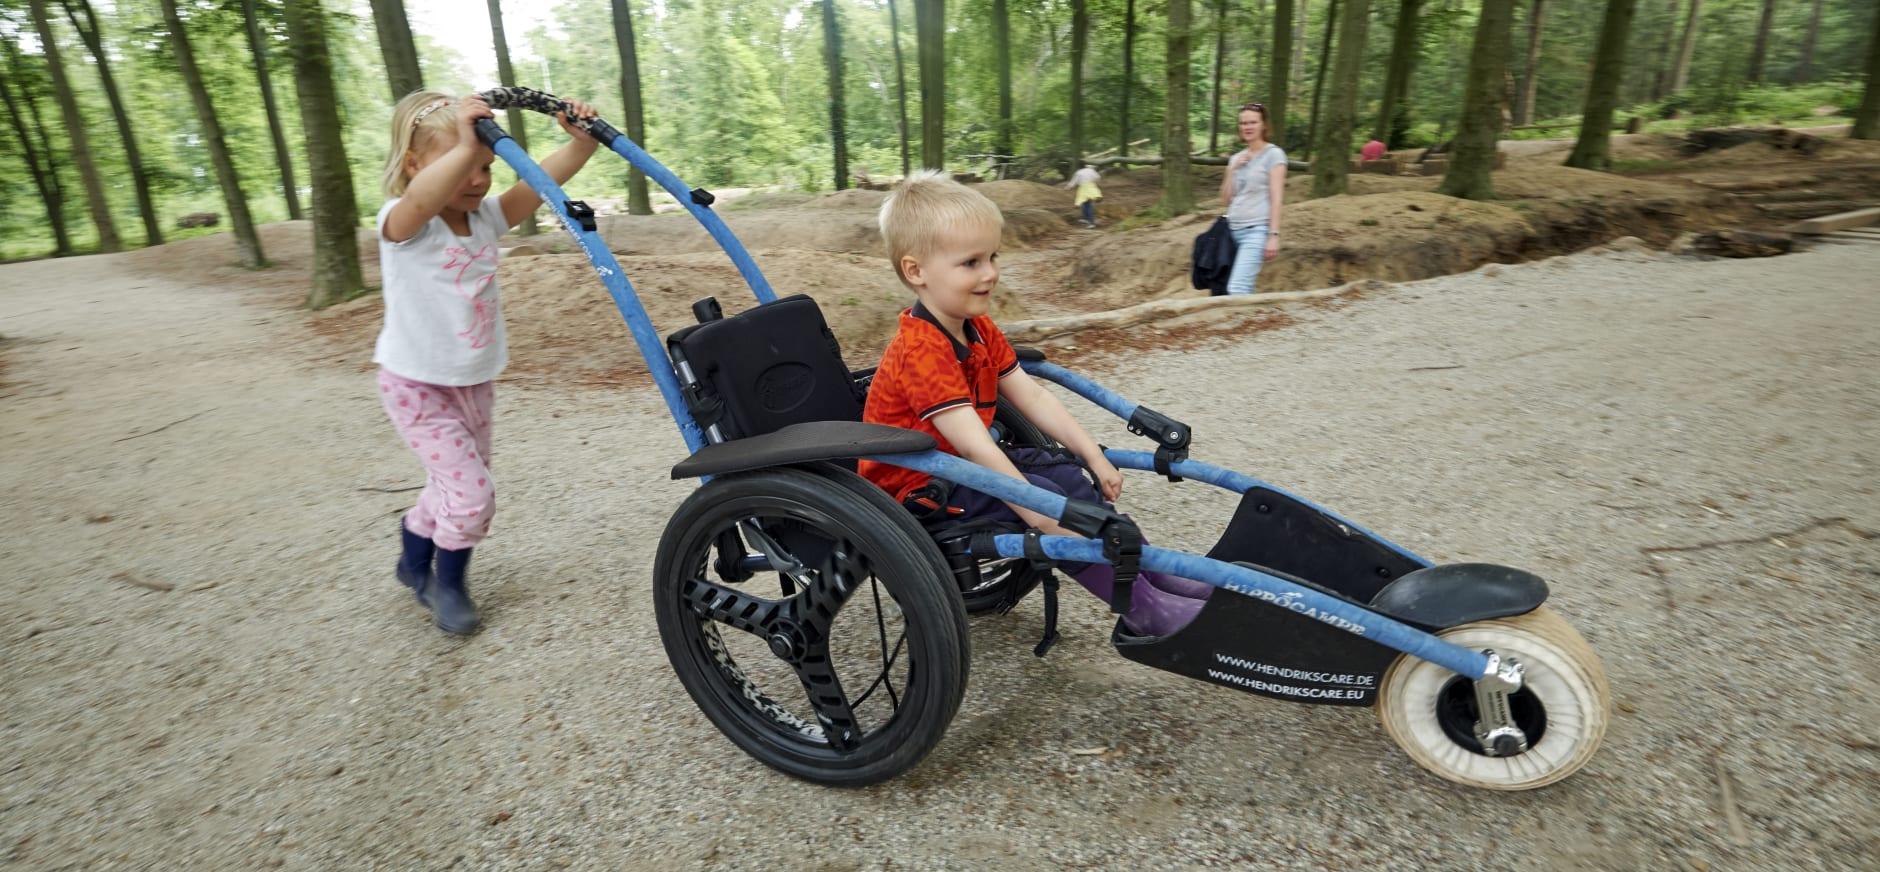 Klein meisje duwt broertje in speciale rolstoel door speelbos